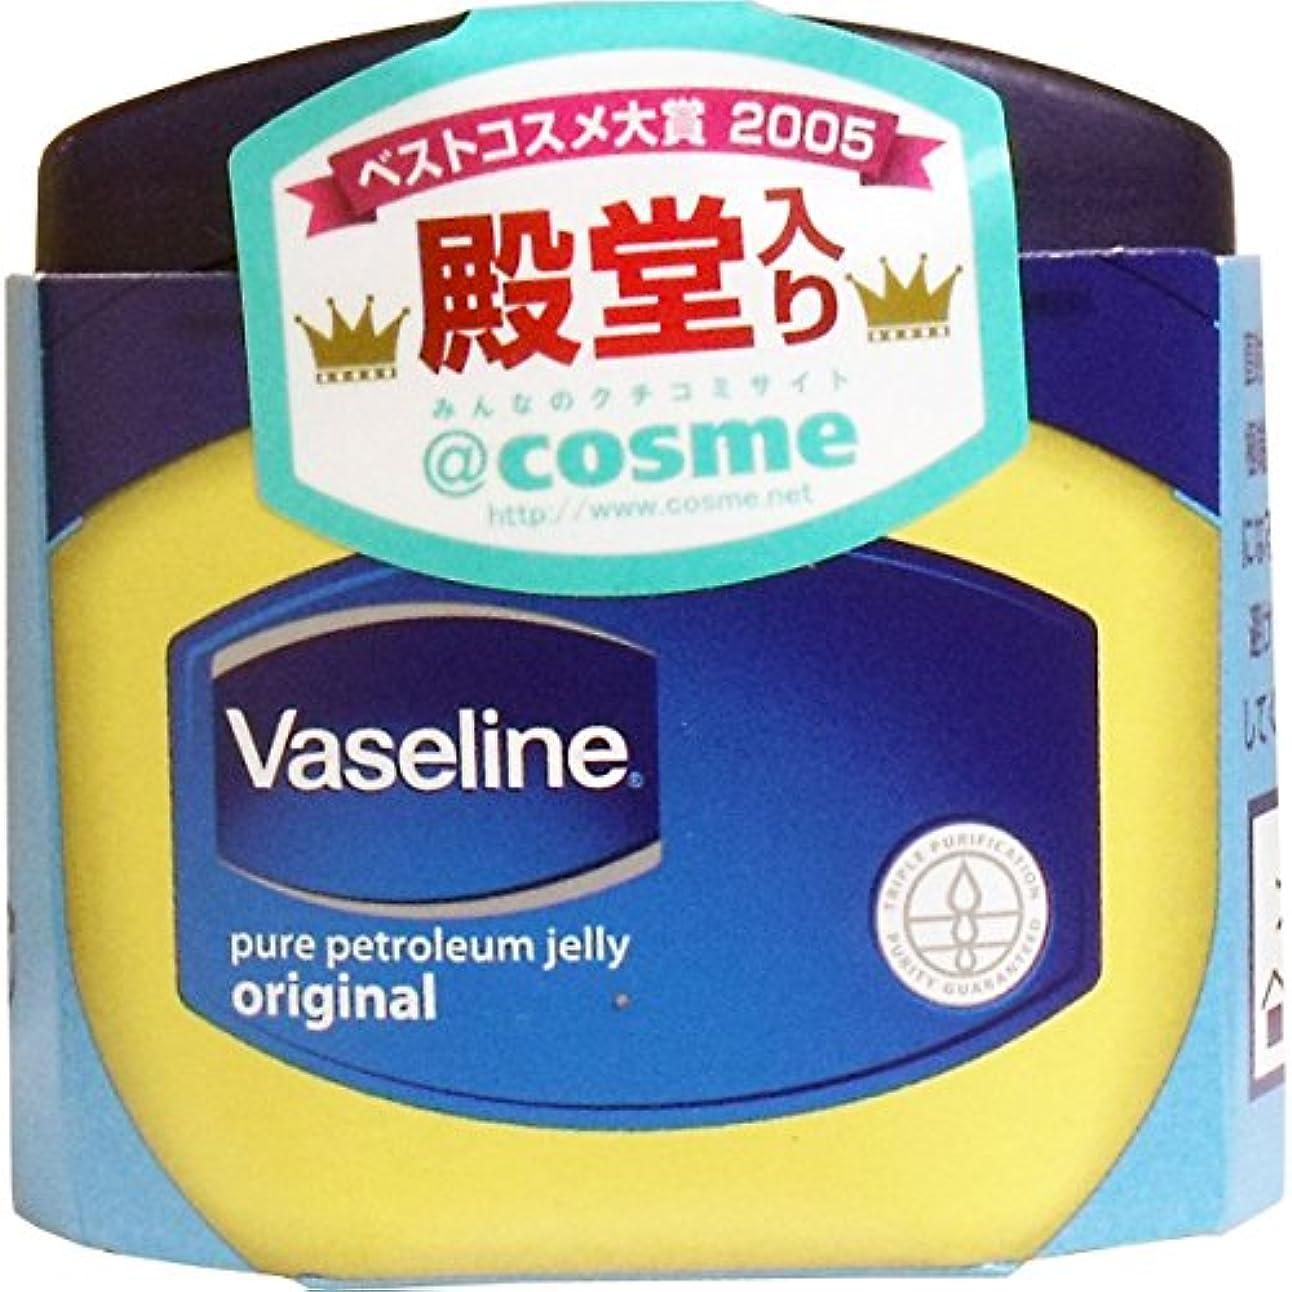 マトリックスアンソロジー広がり【Vaseline】ヴァセリン ピュアスキンジェリー (スキンオイル) 40g ×5個セット